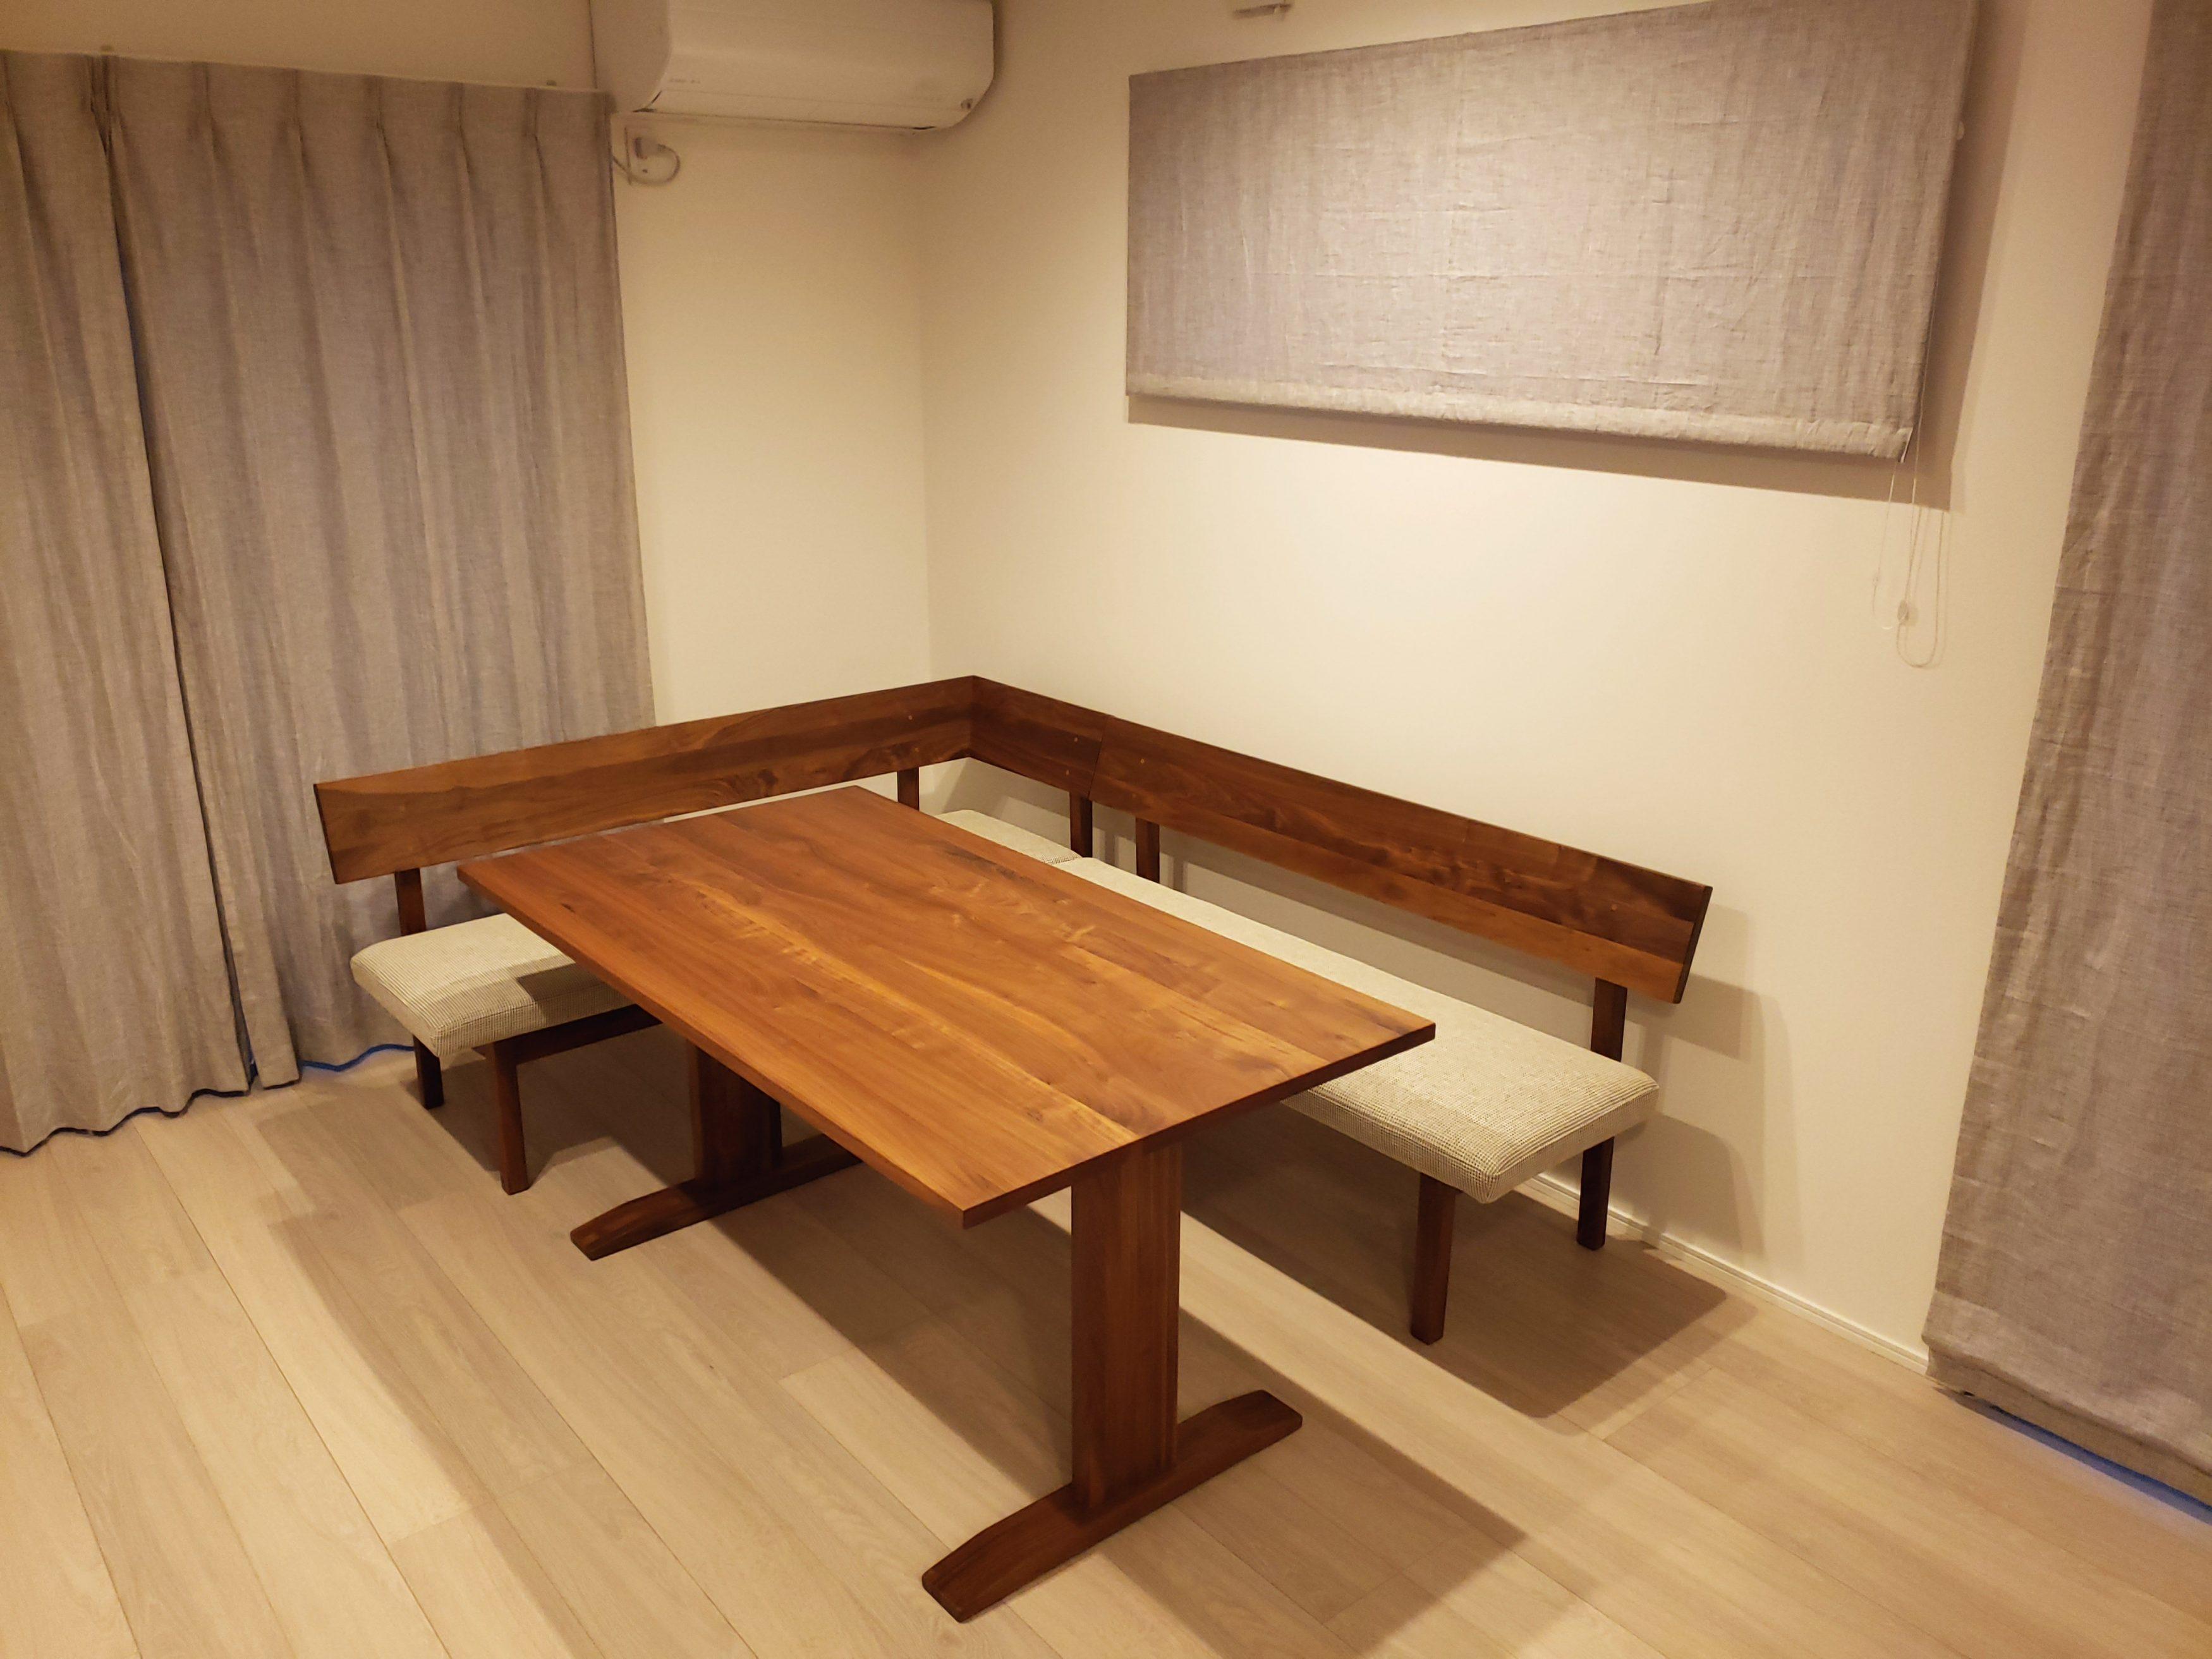 新潟の家具屋、インテリアのテーブル